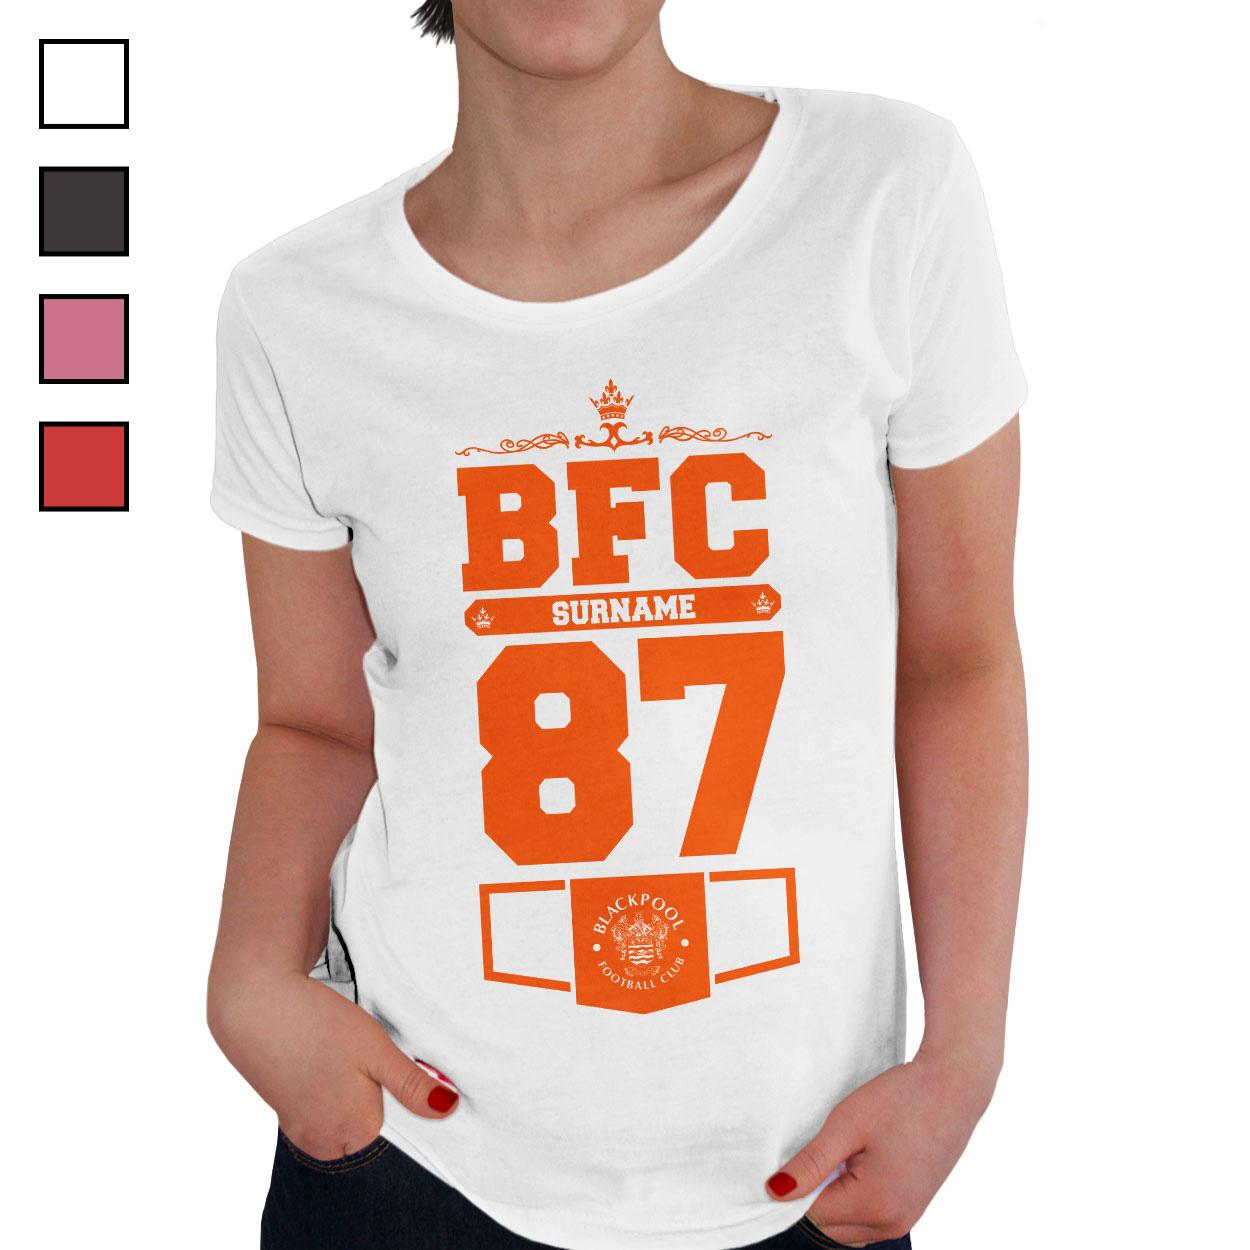 Blackpool FC Ladies Club T-Shirt